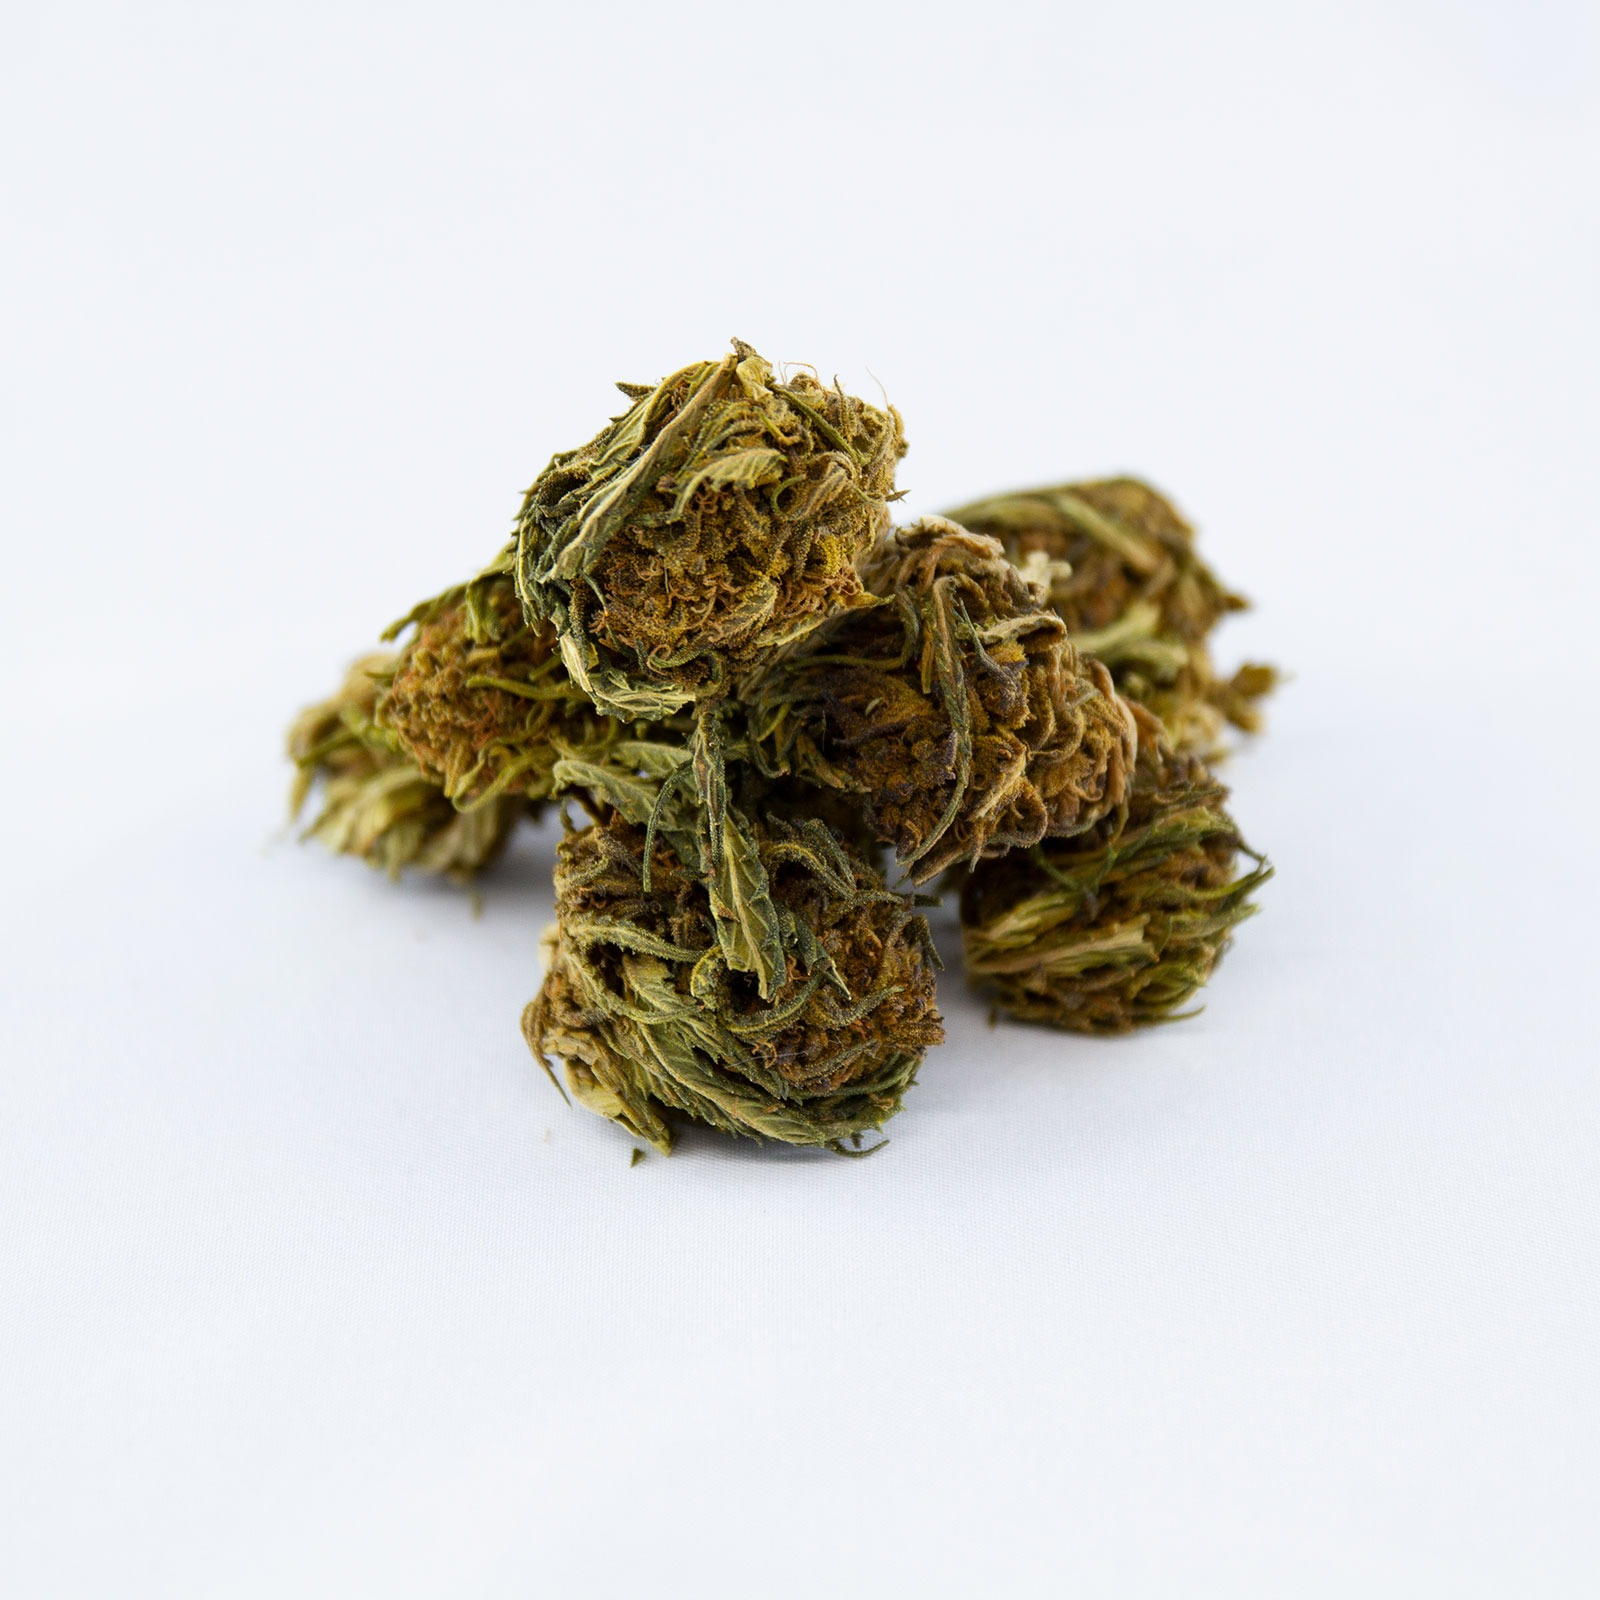 Image de variété EXXTERIEUR V1 Fleurs de Cannabis CBD 100% légal